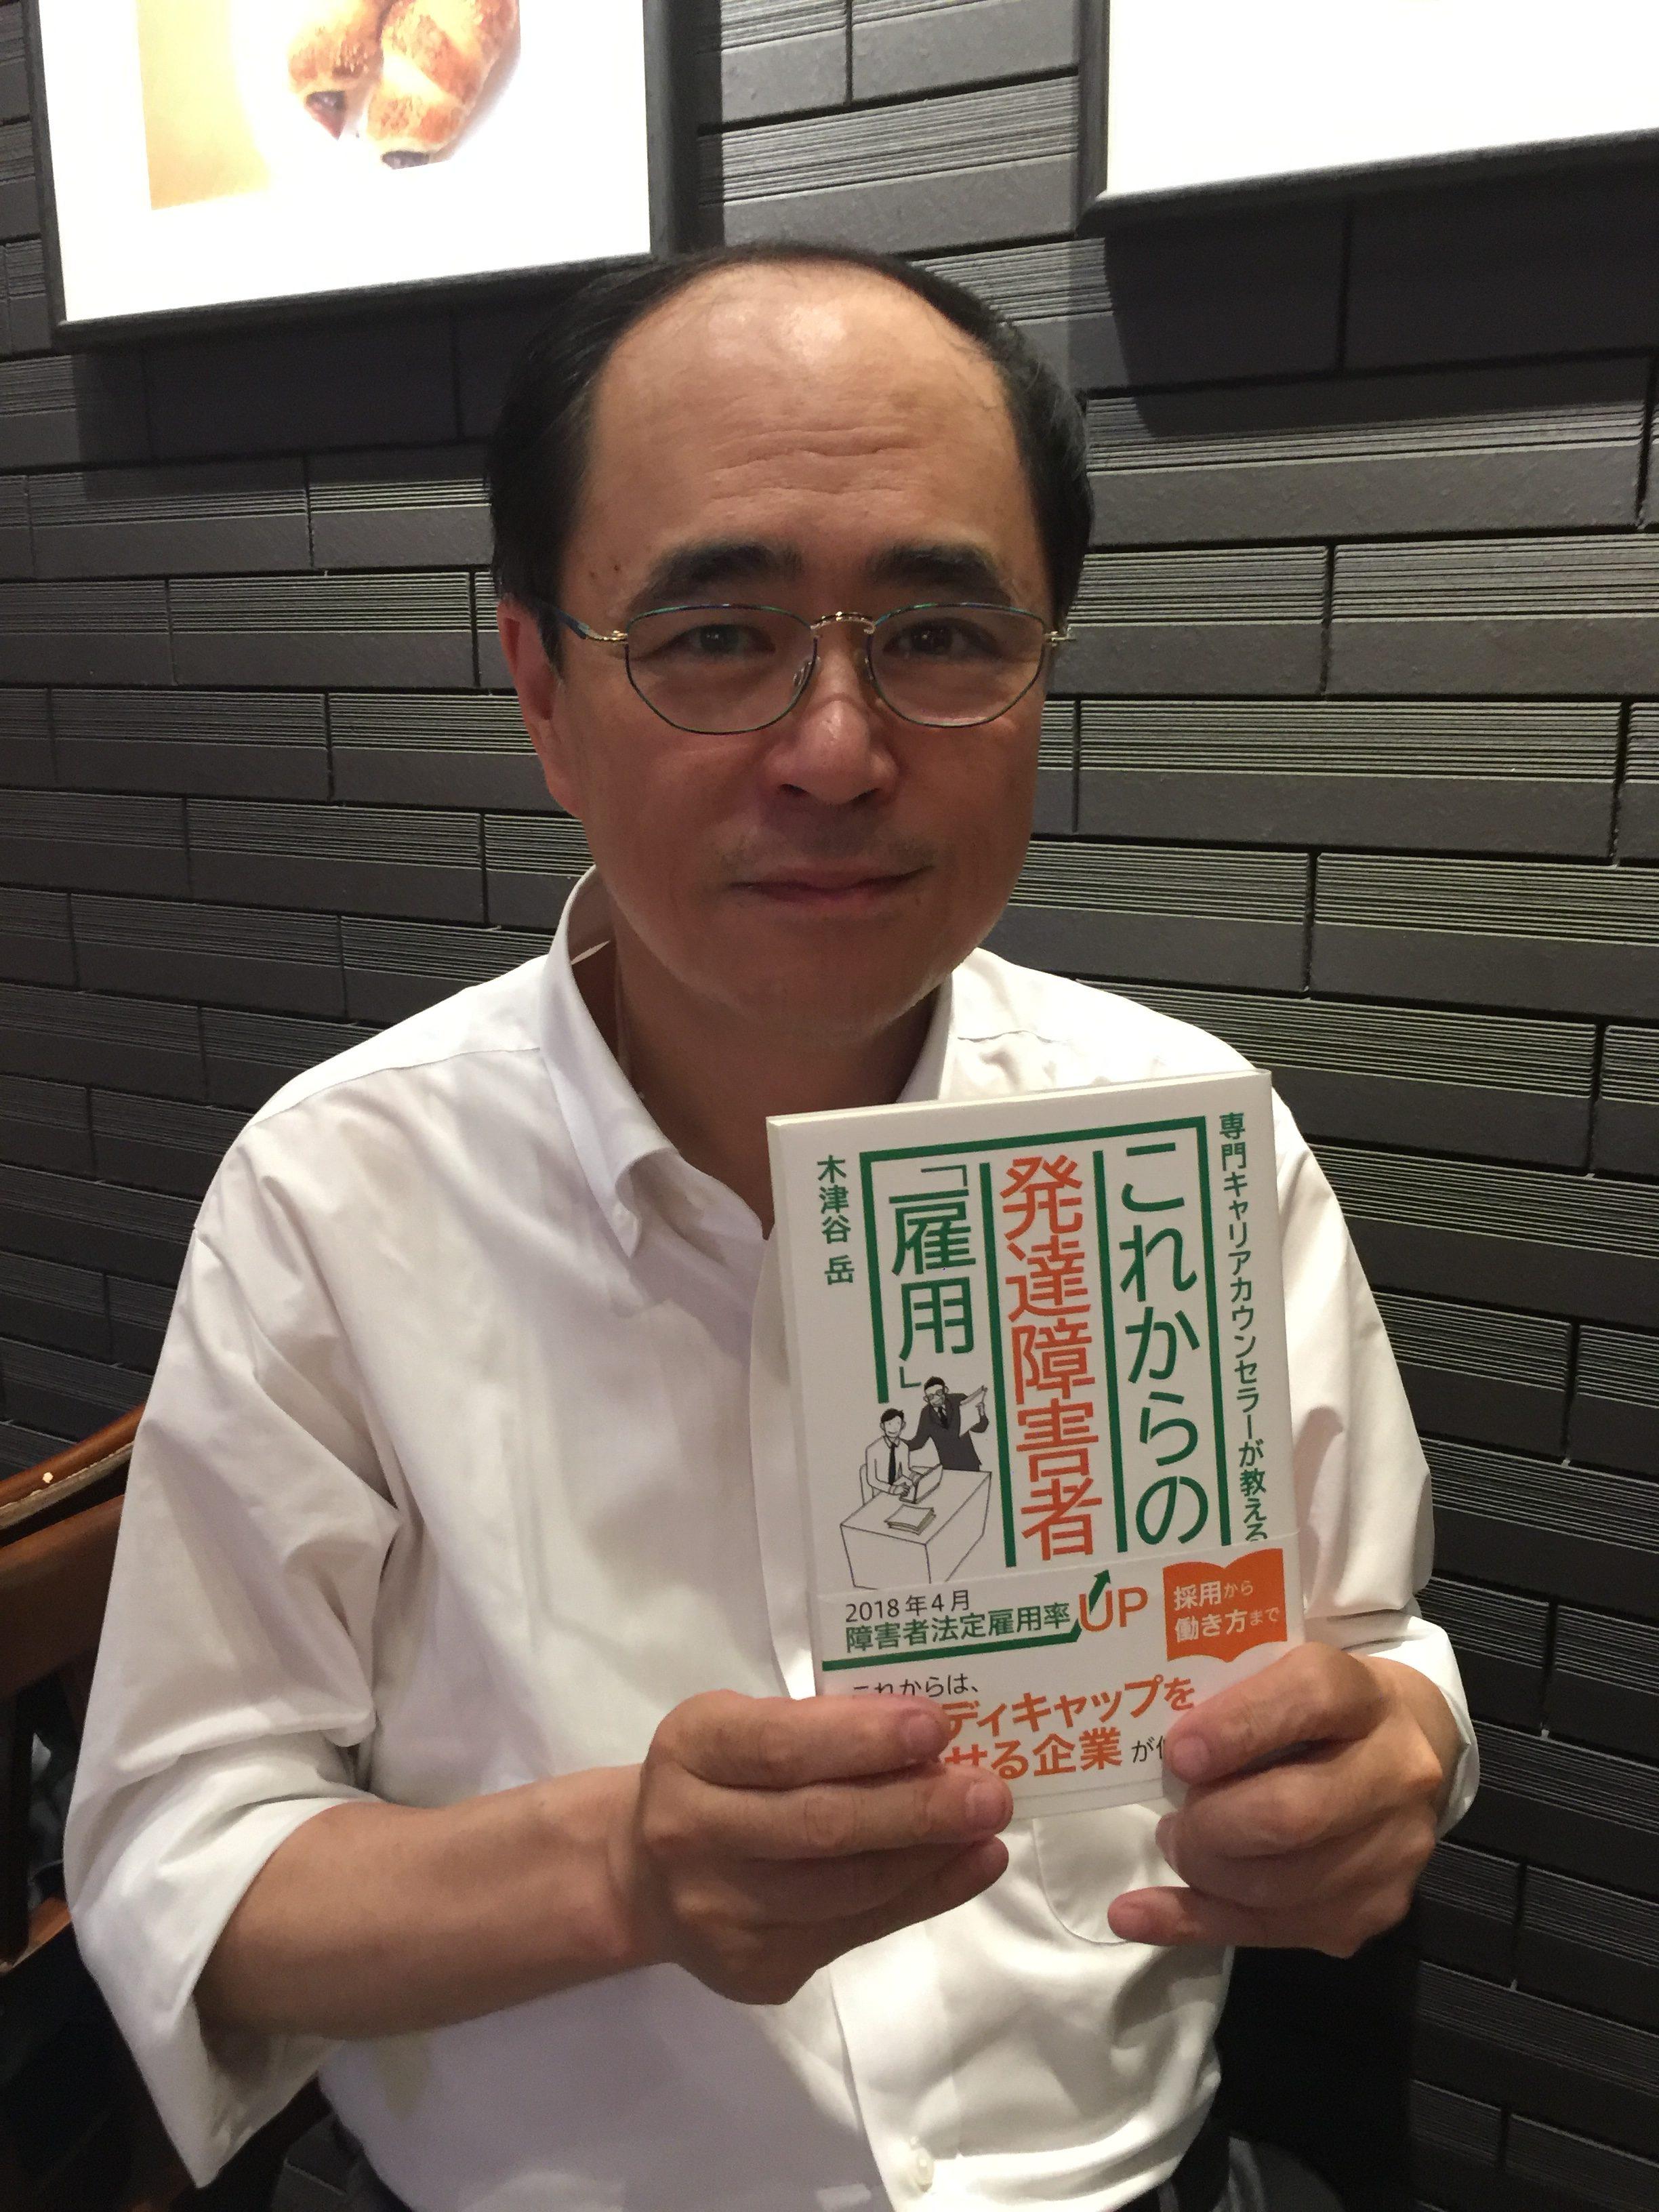 木津谷さんの書籍、これからの発達障害者の雇用